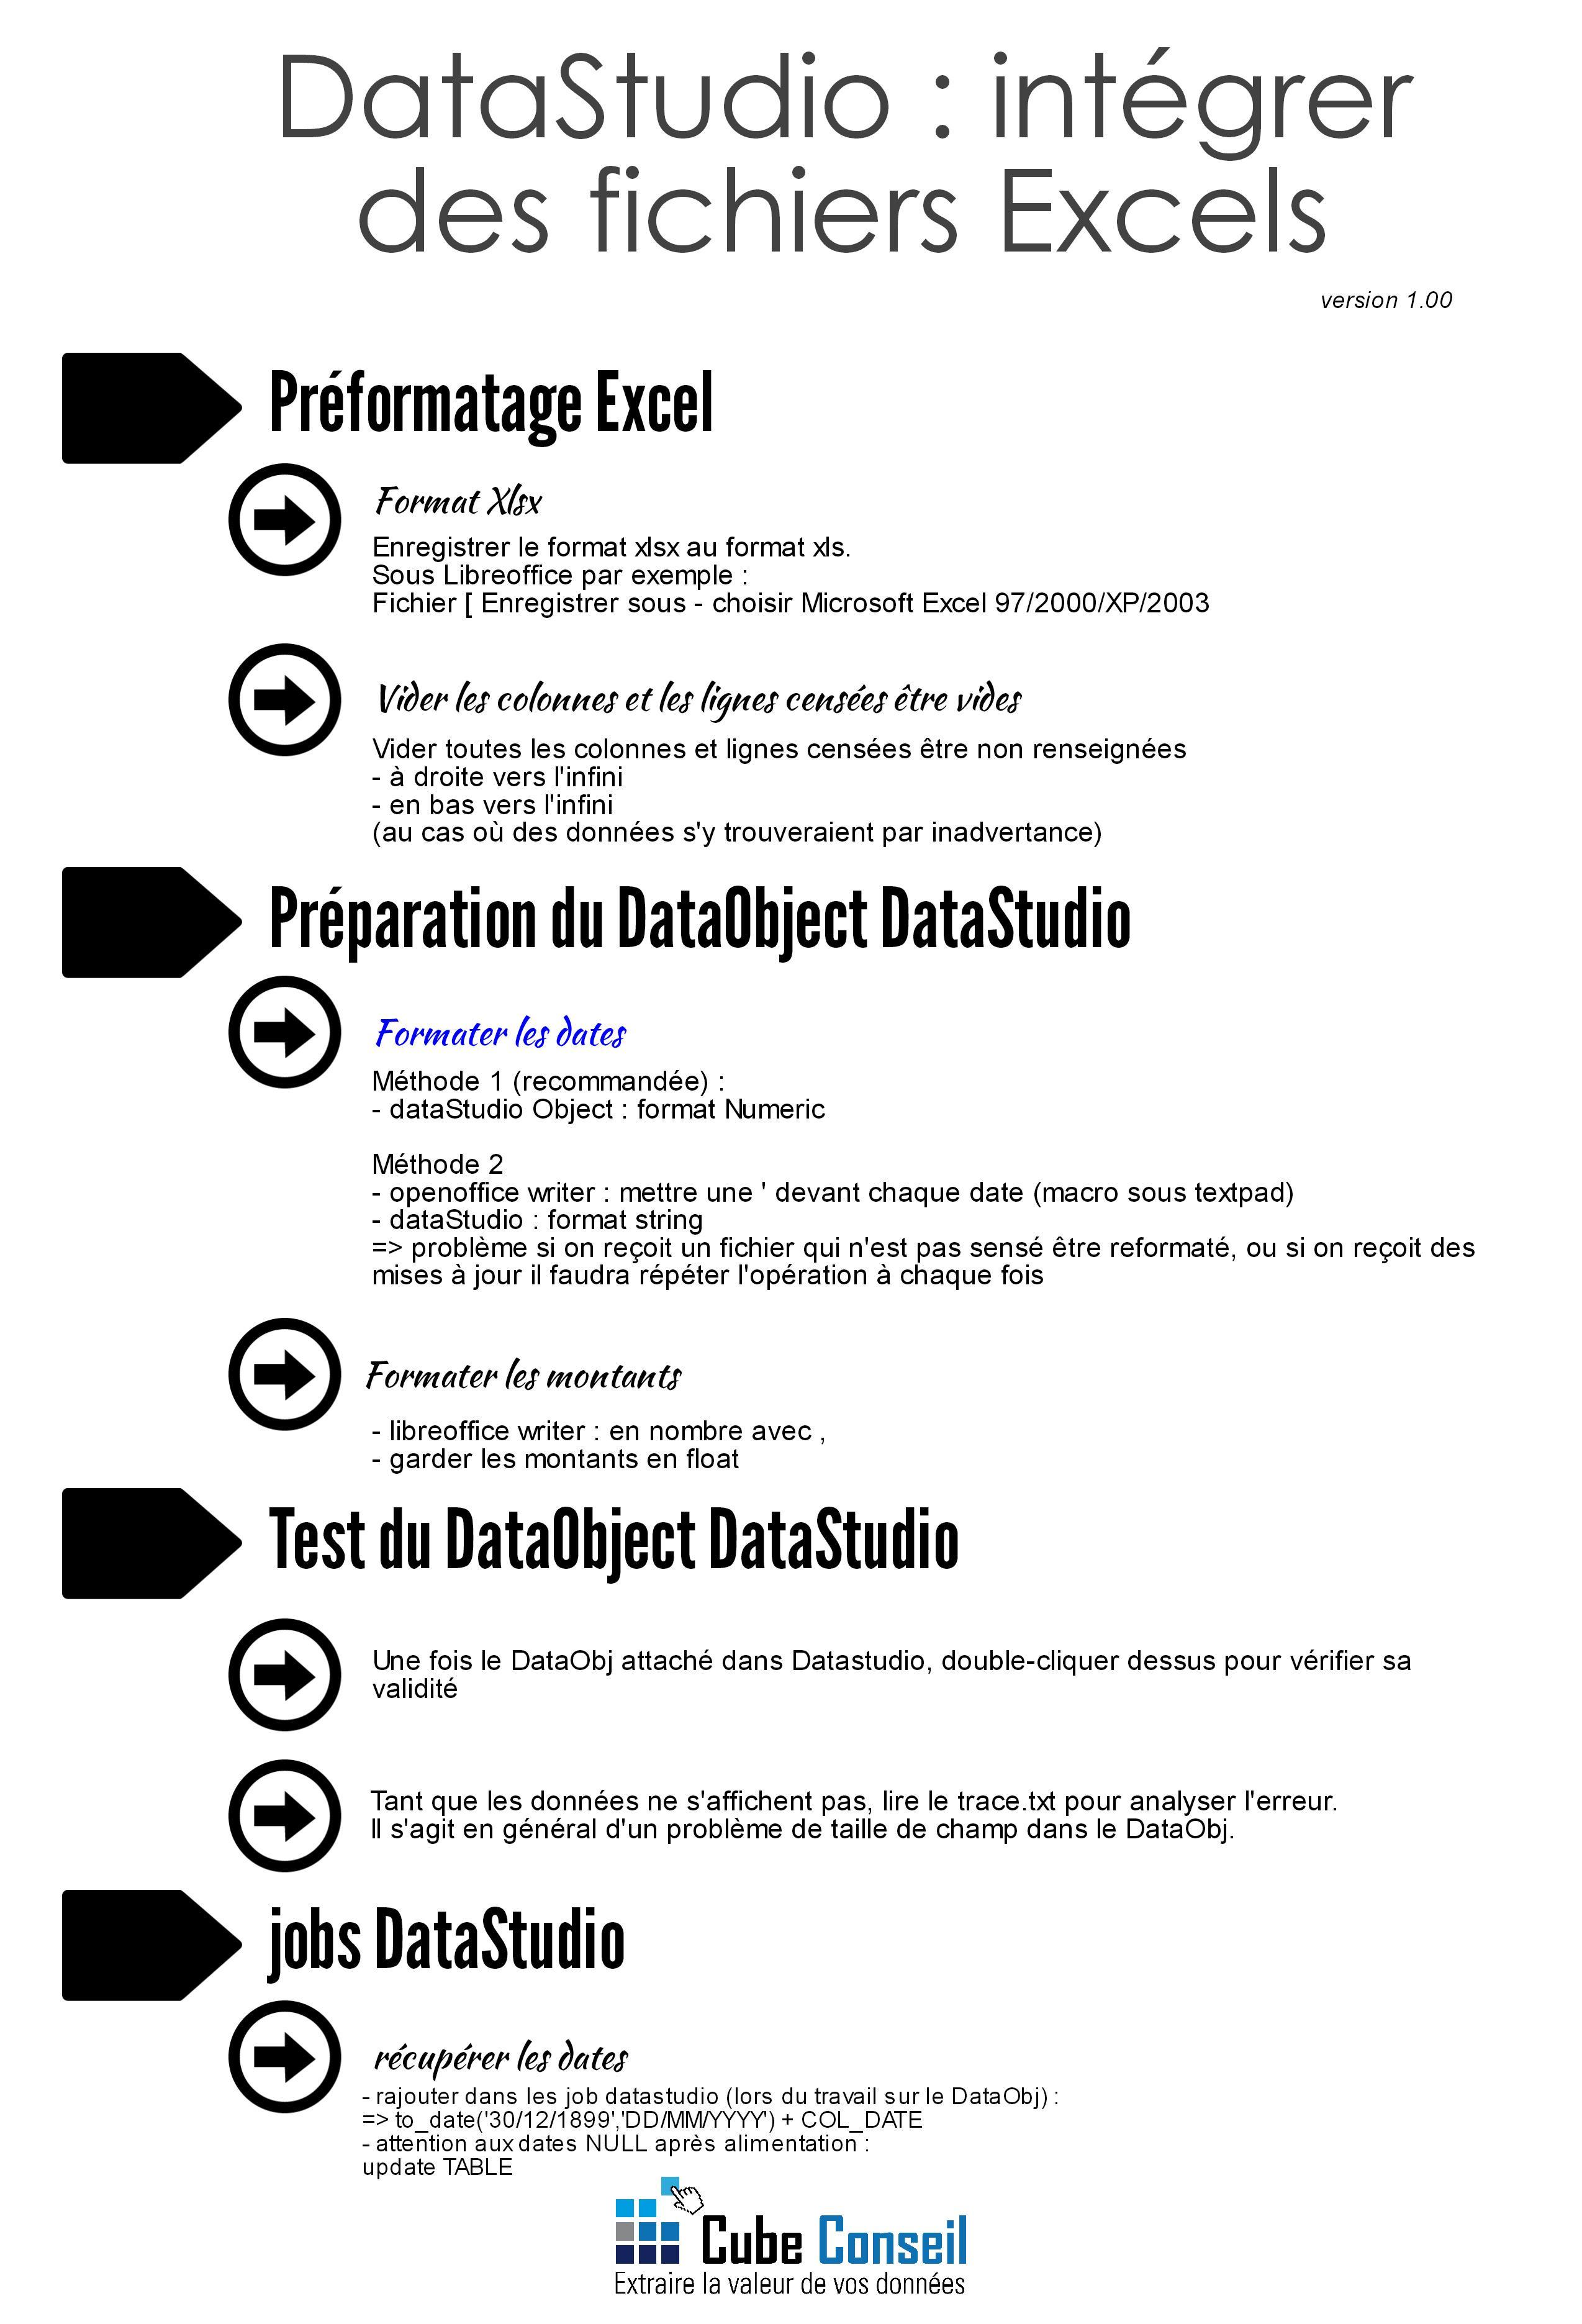 DataStudio - intégrer des fichiers Excels